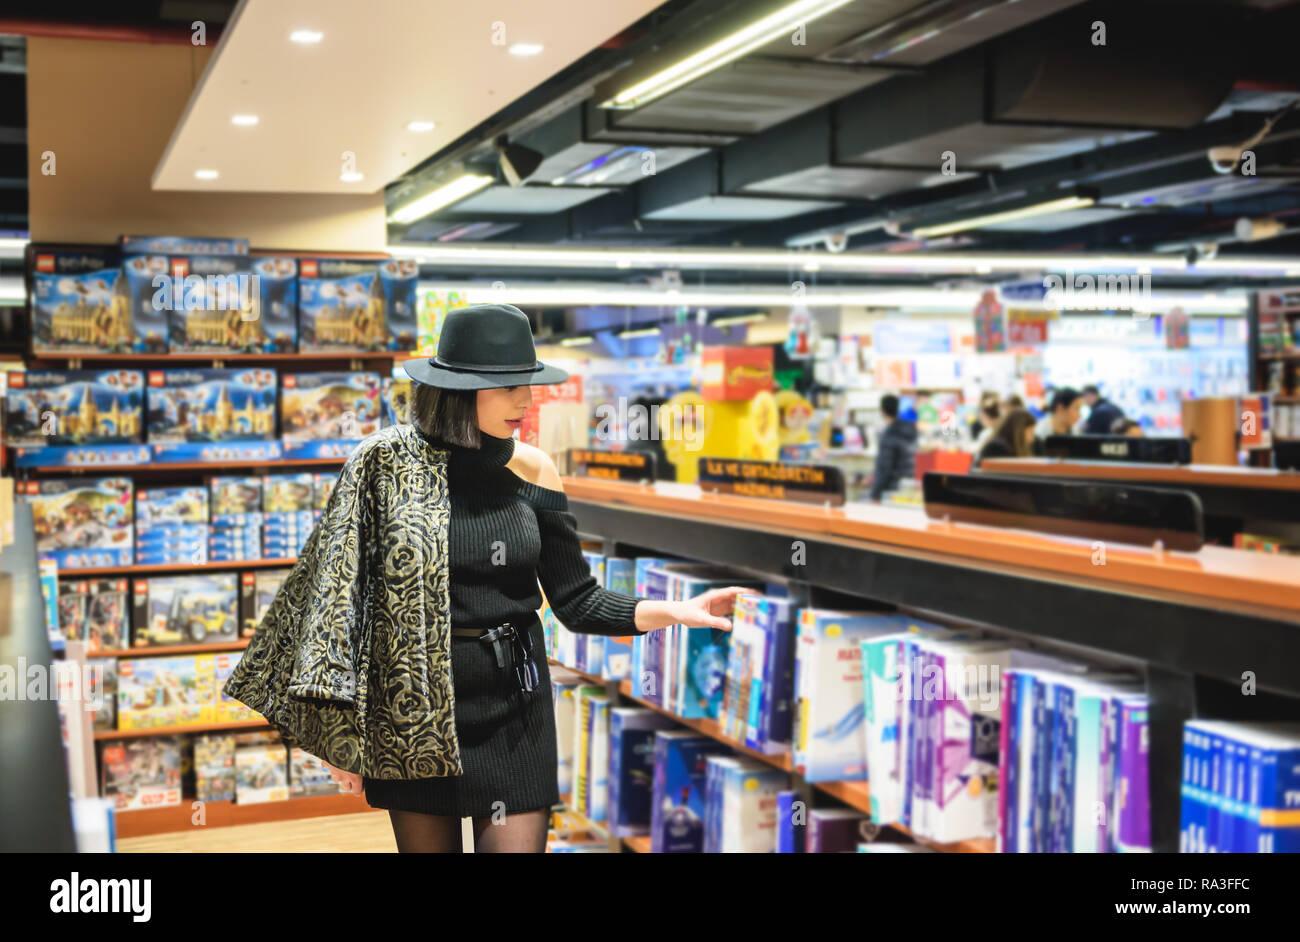 Atractiva mujer hermosa con traje y sombrero negro busca libros en librería  para comprar. 048718129a29